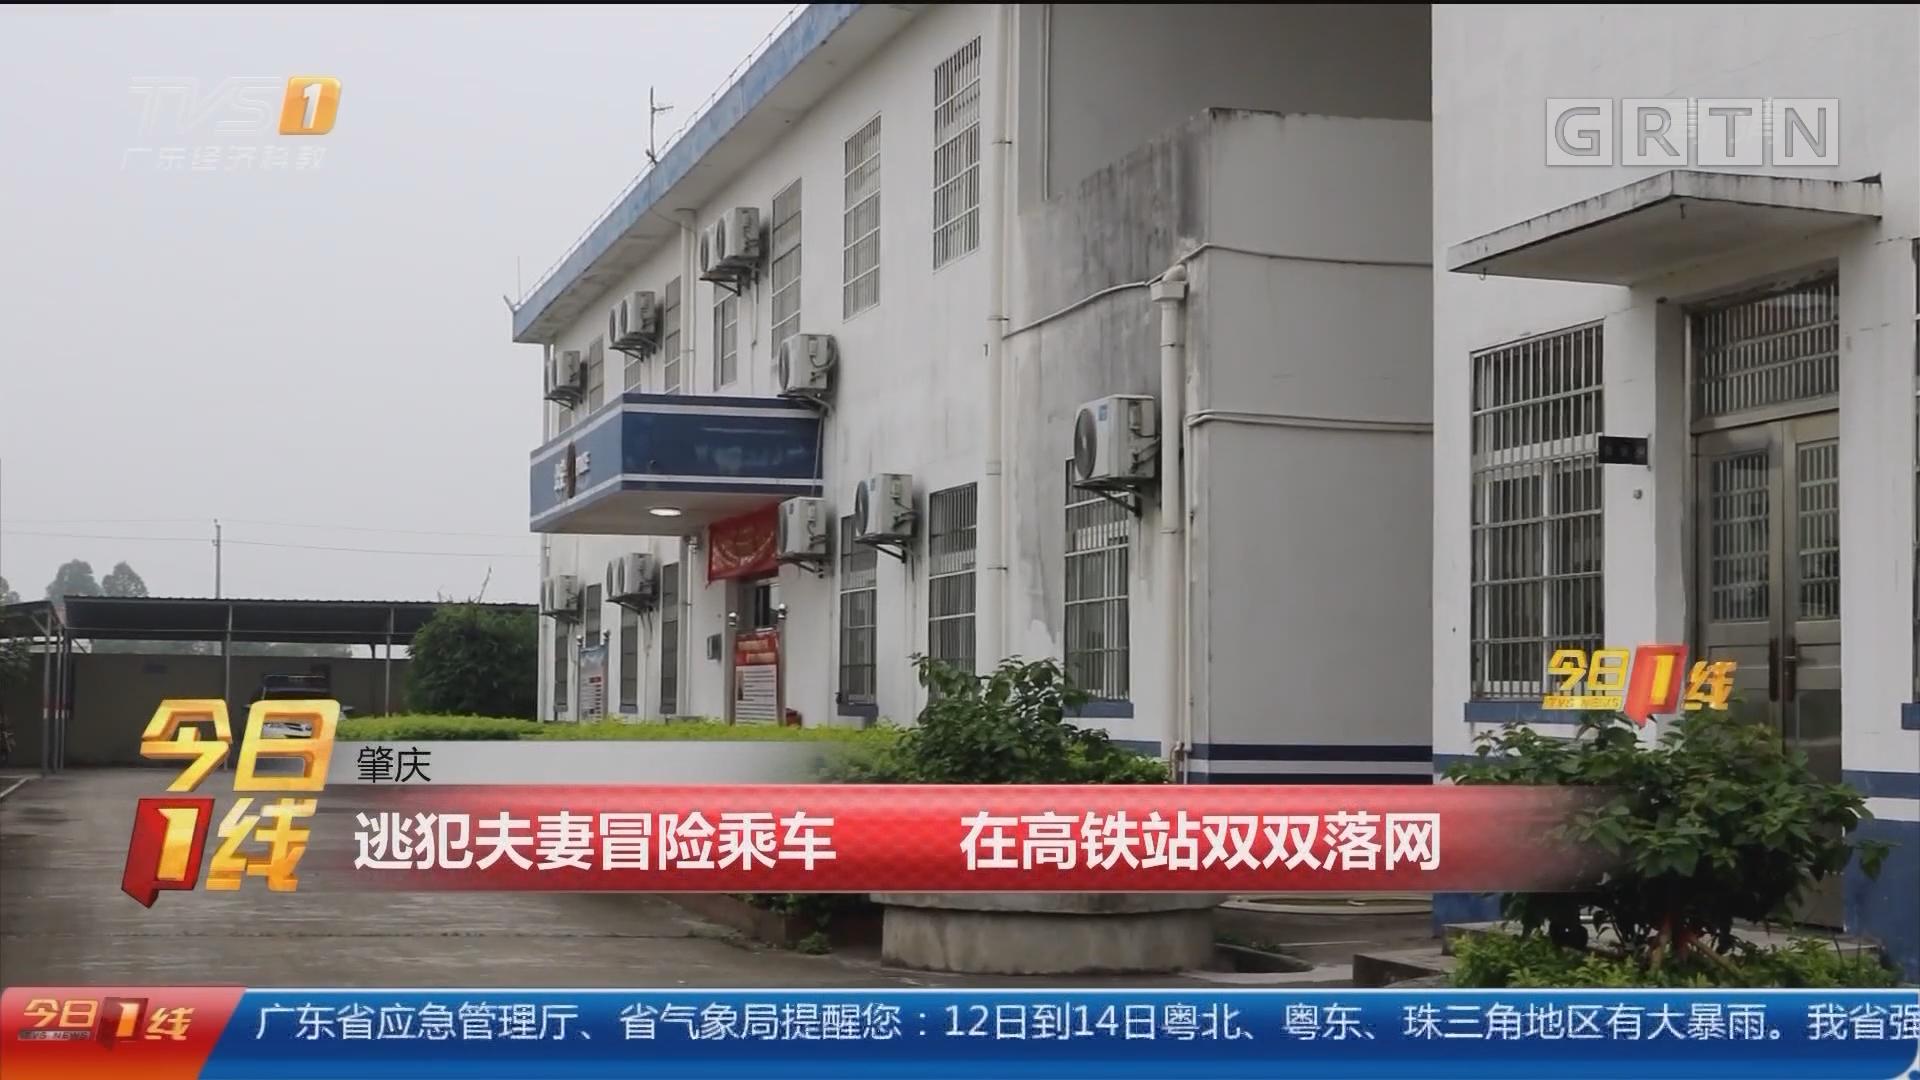 肇庆:逃犯夫妻冒险乘车 在高铁站双双落网